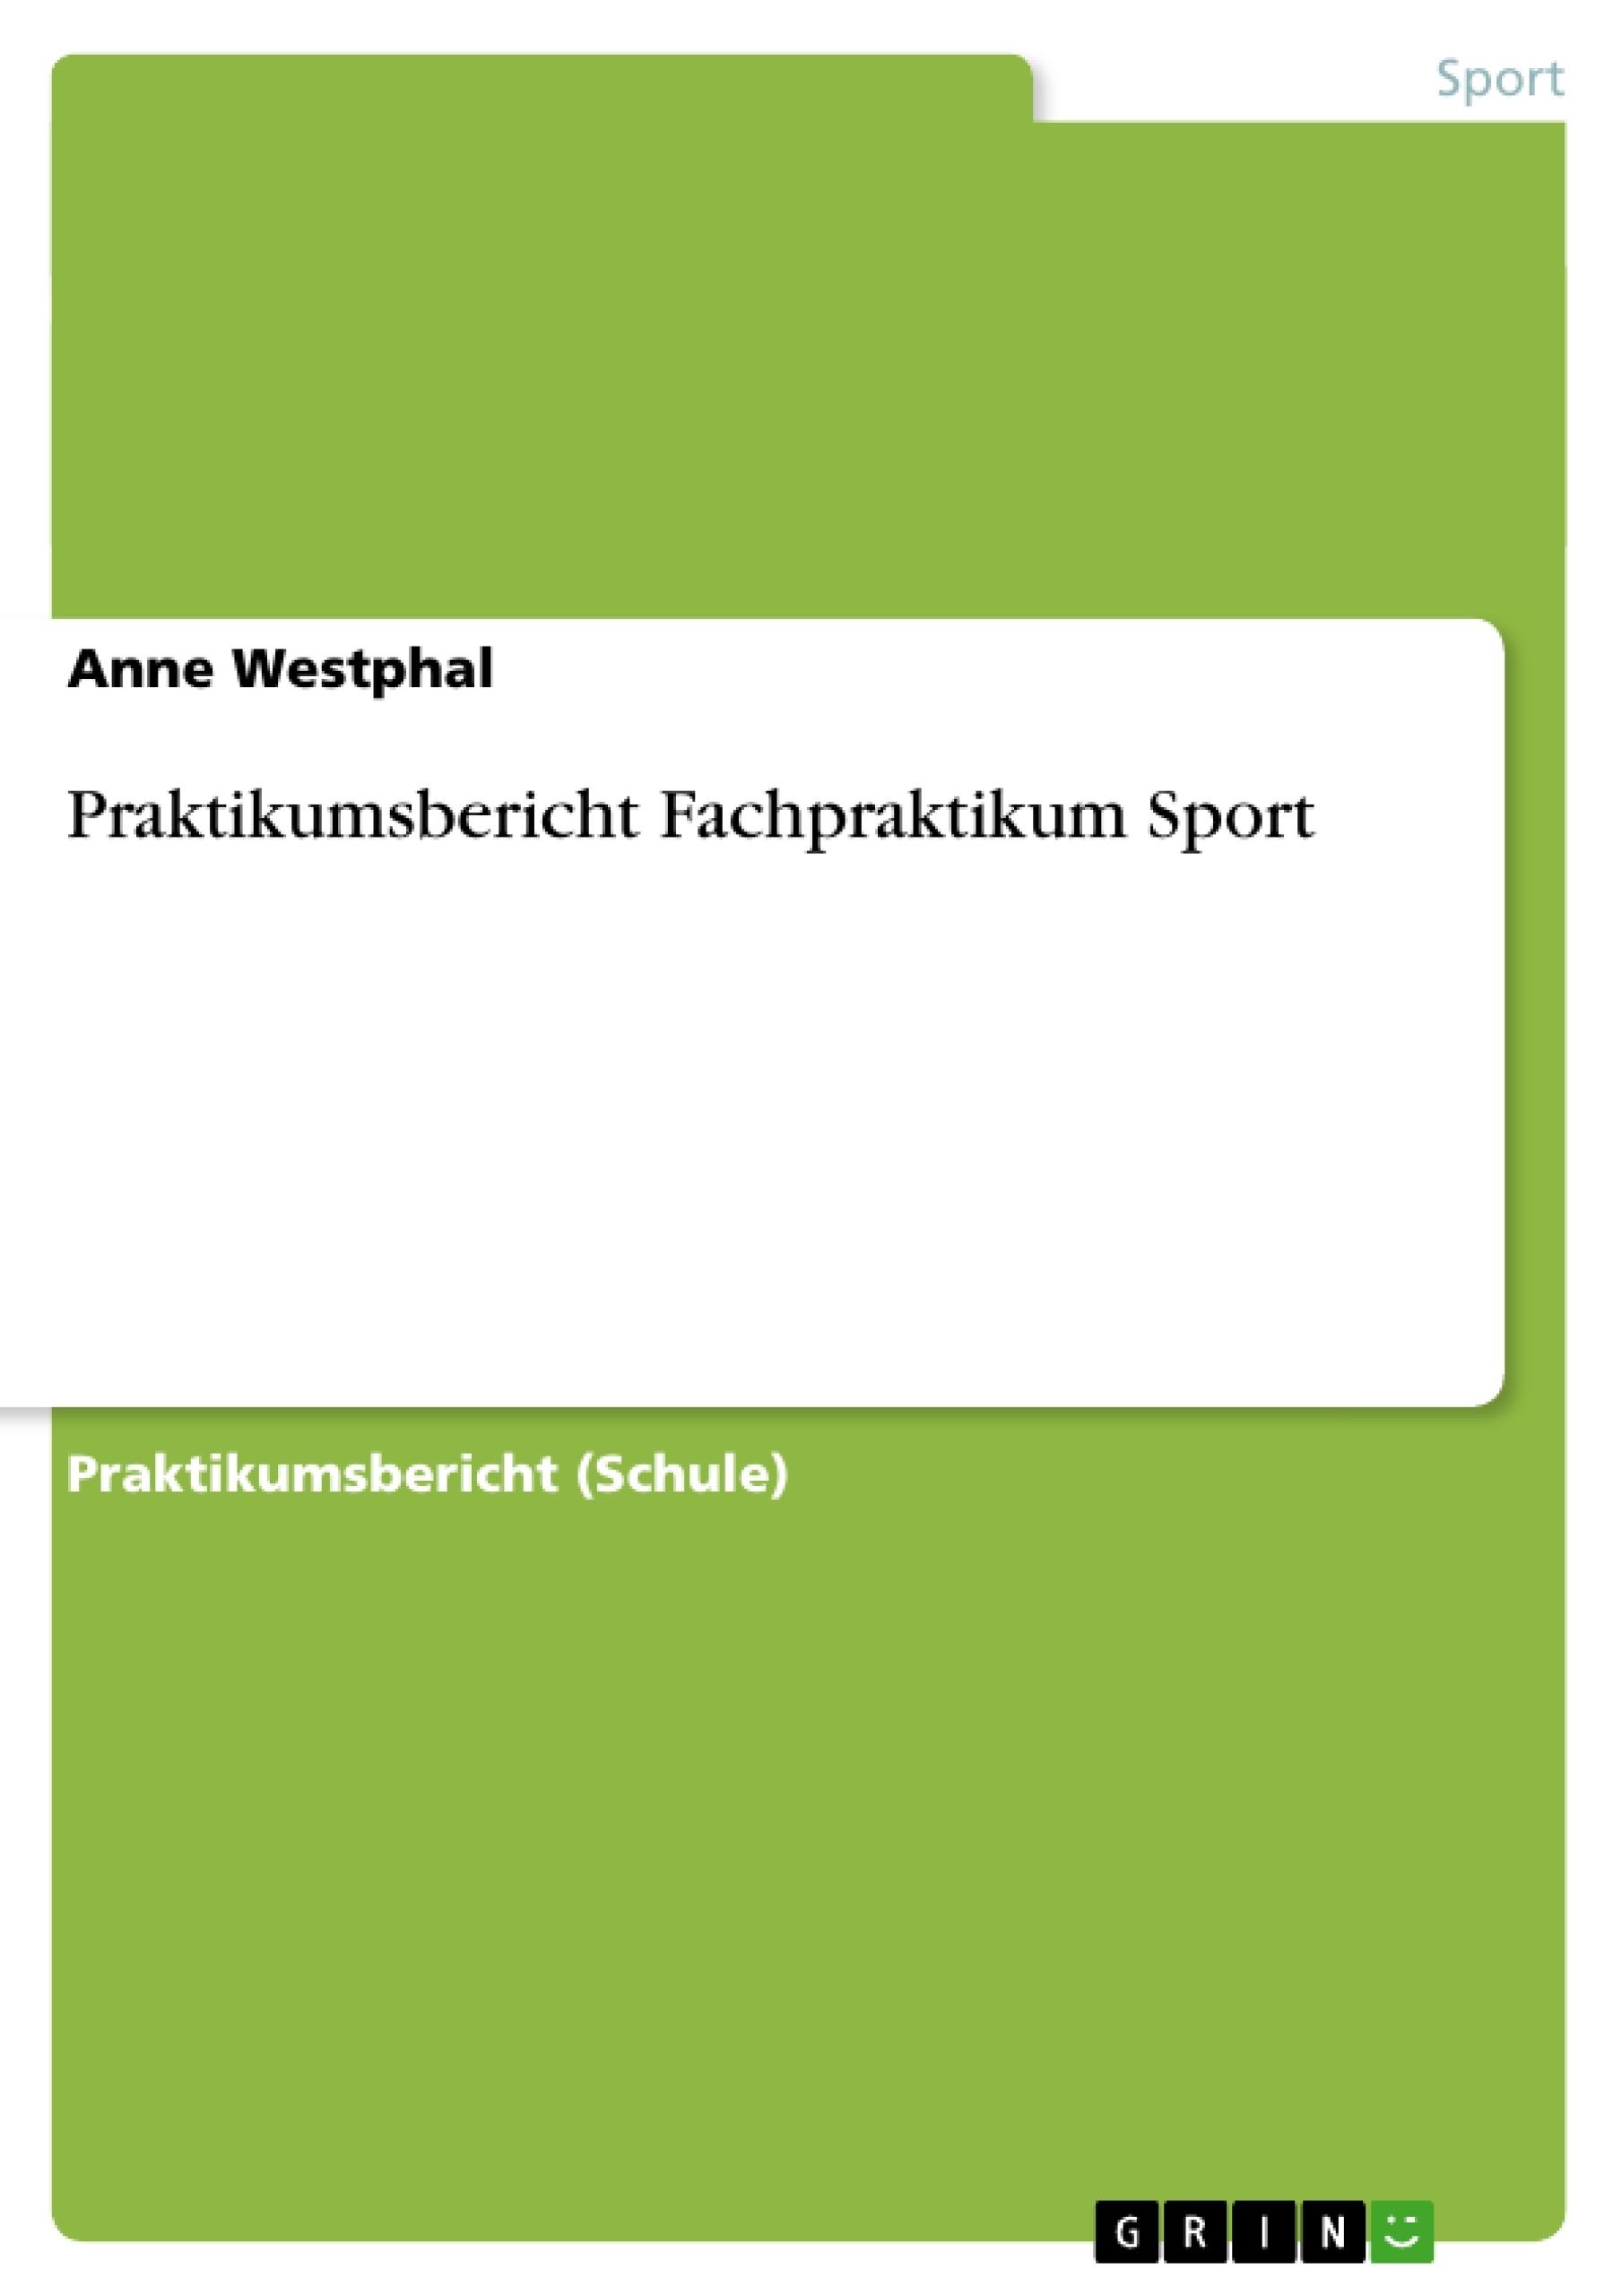 Titel: Praktikumsbericht Fachpraktikum Sport